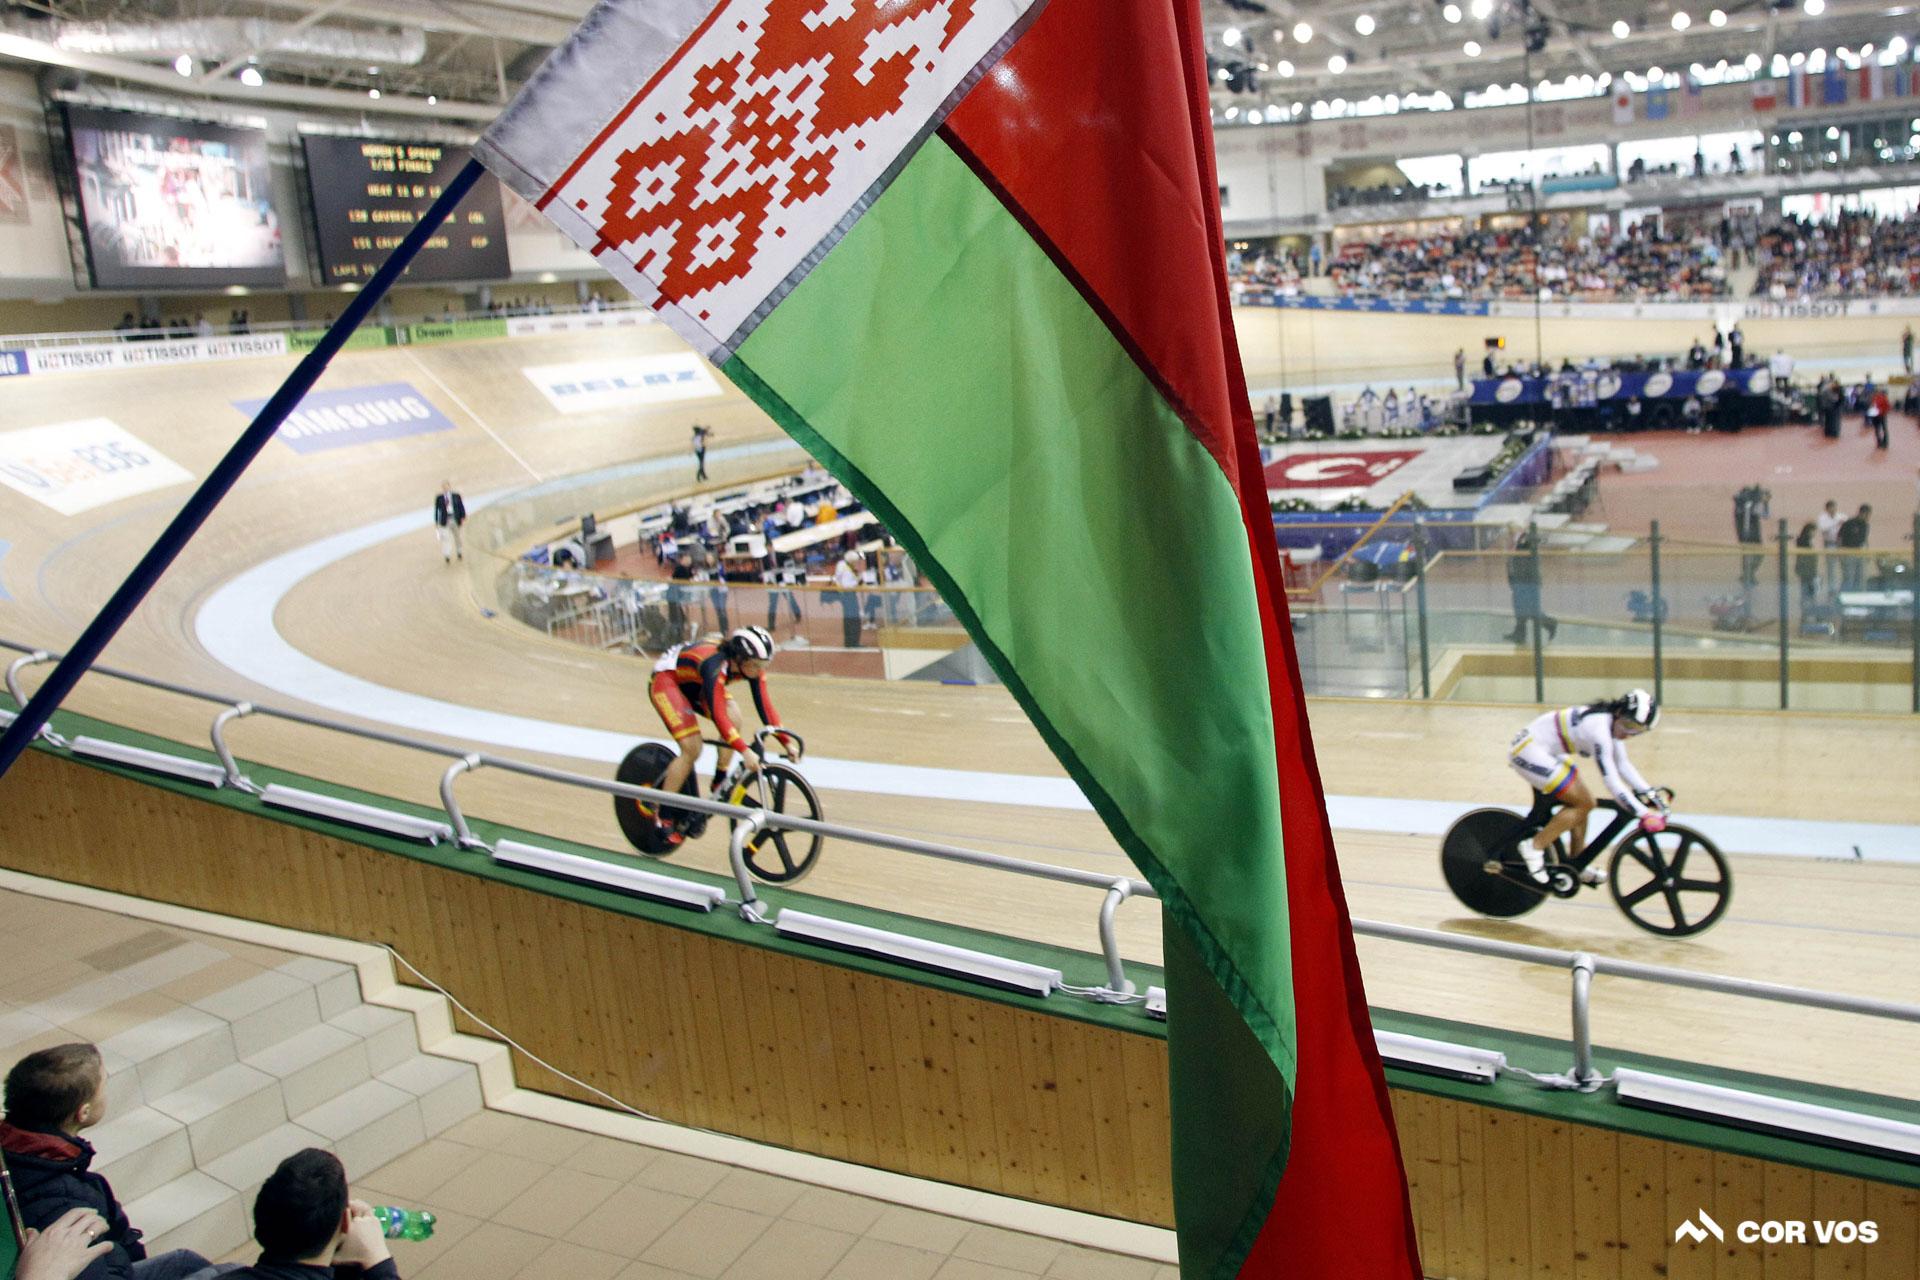 Opnieuw botsen wielrennen en mensenrechten